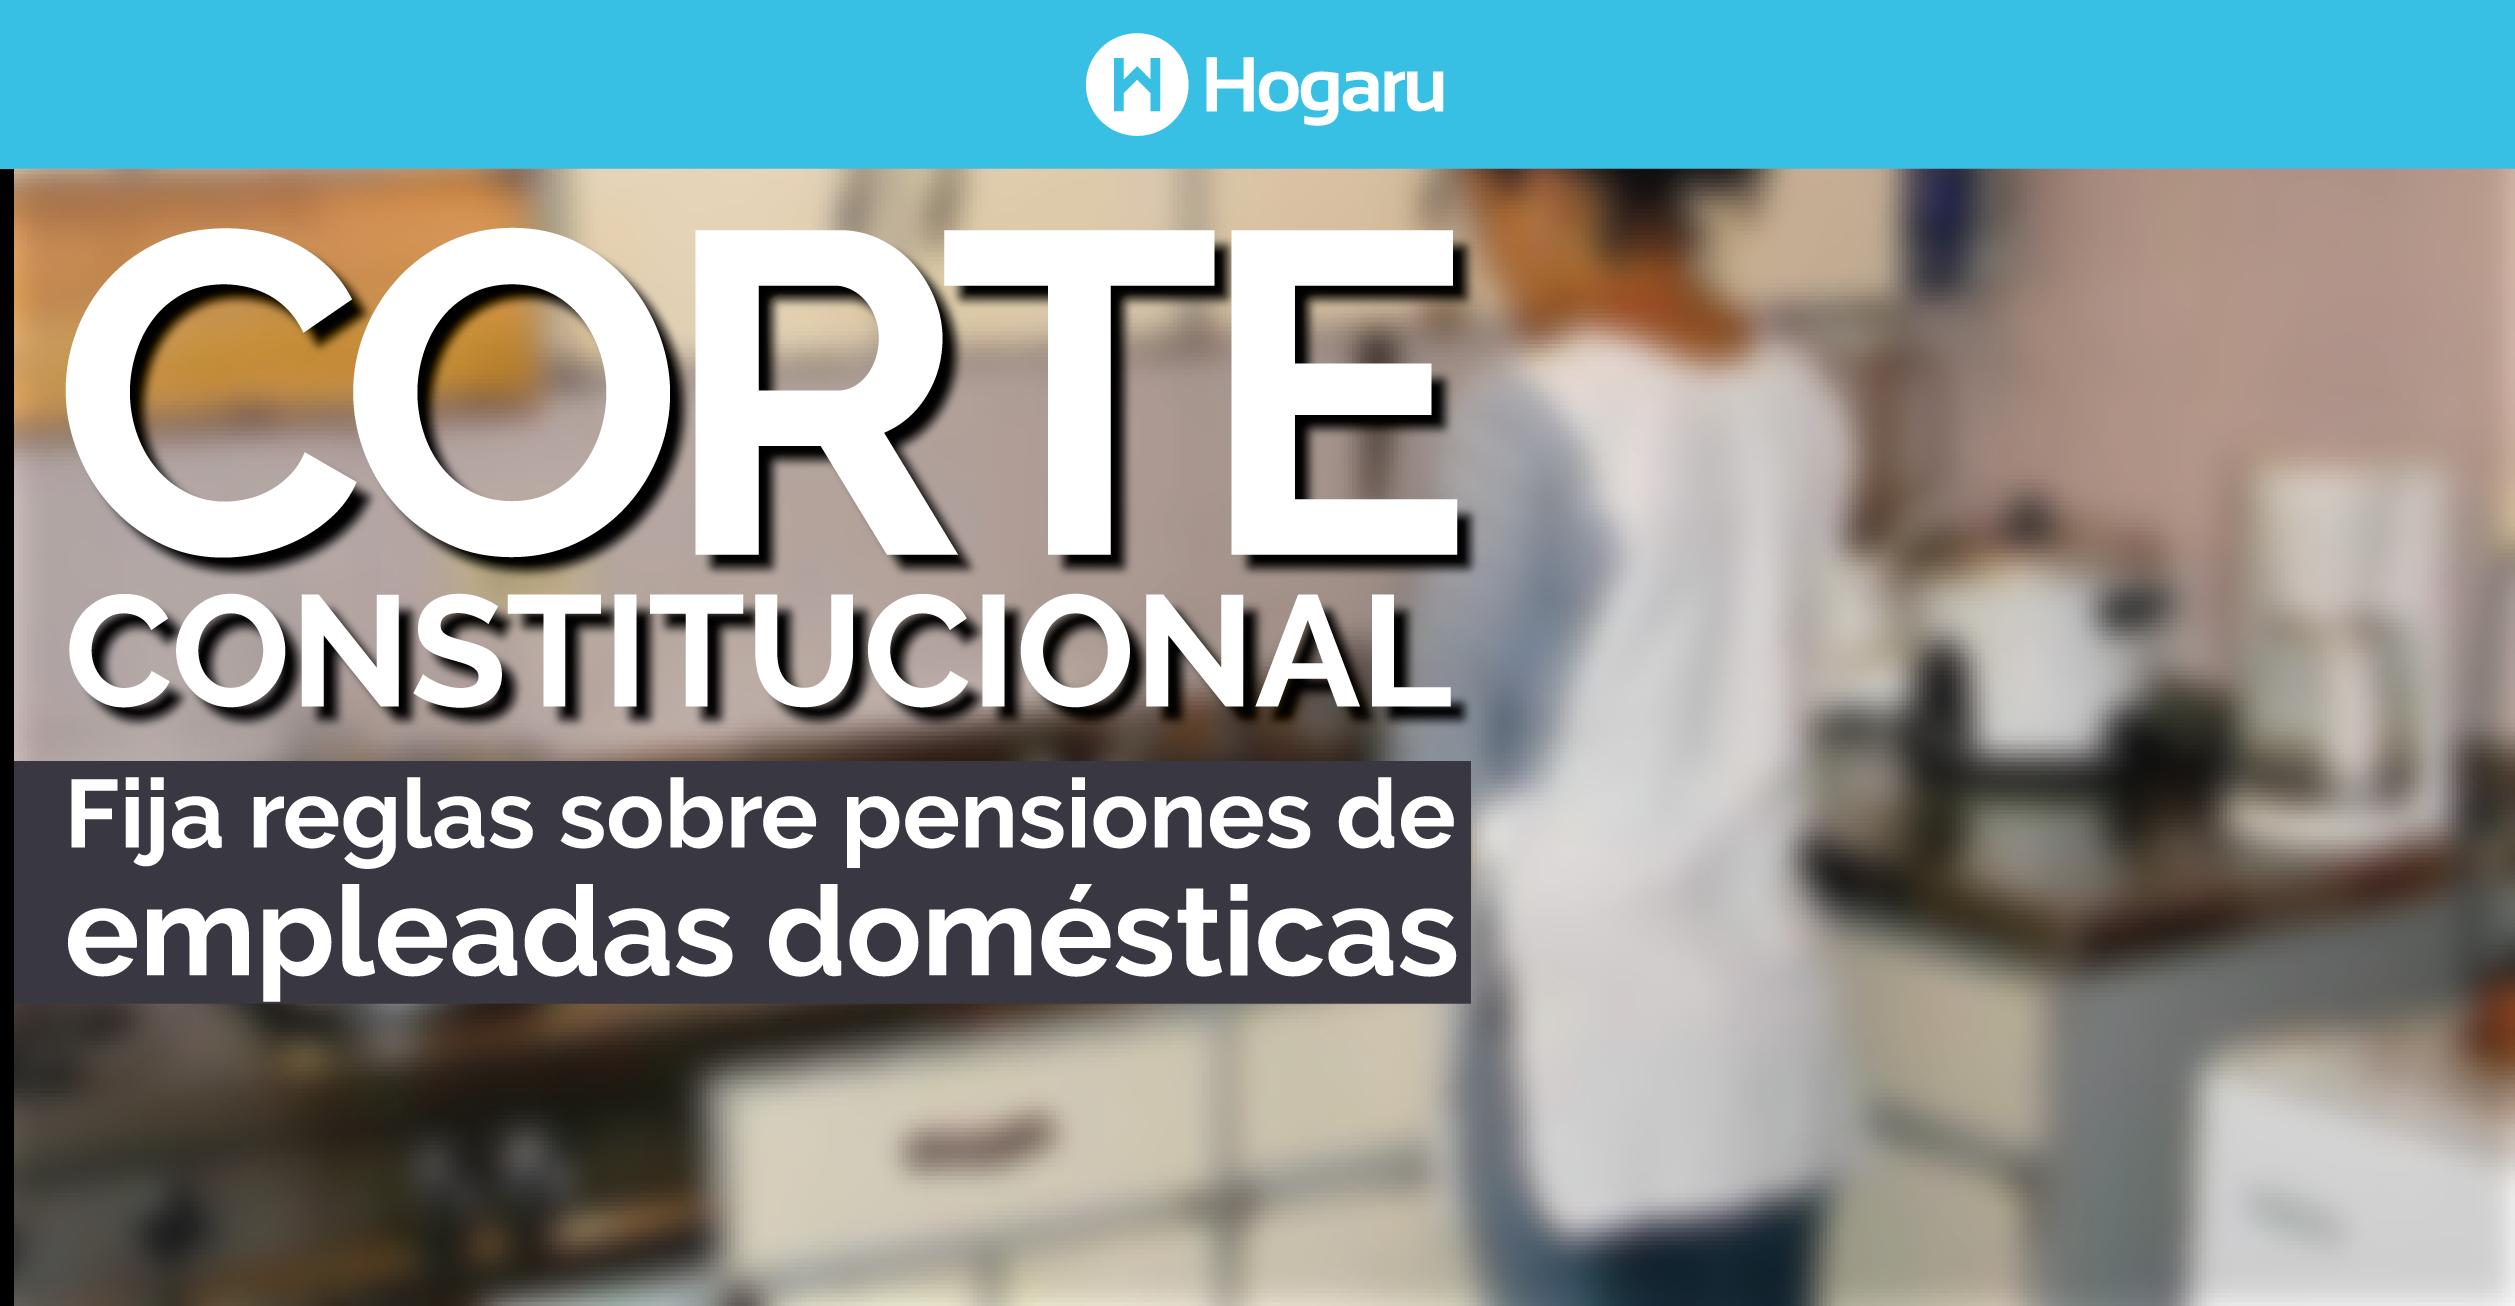 pensiones de empleadas domésticas